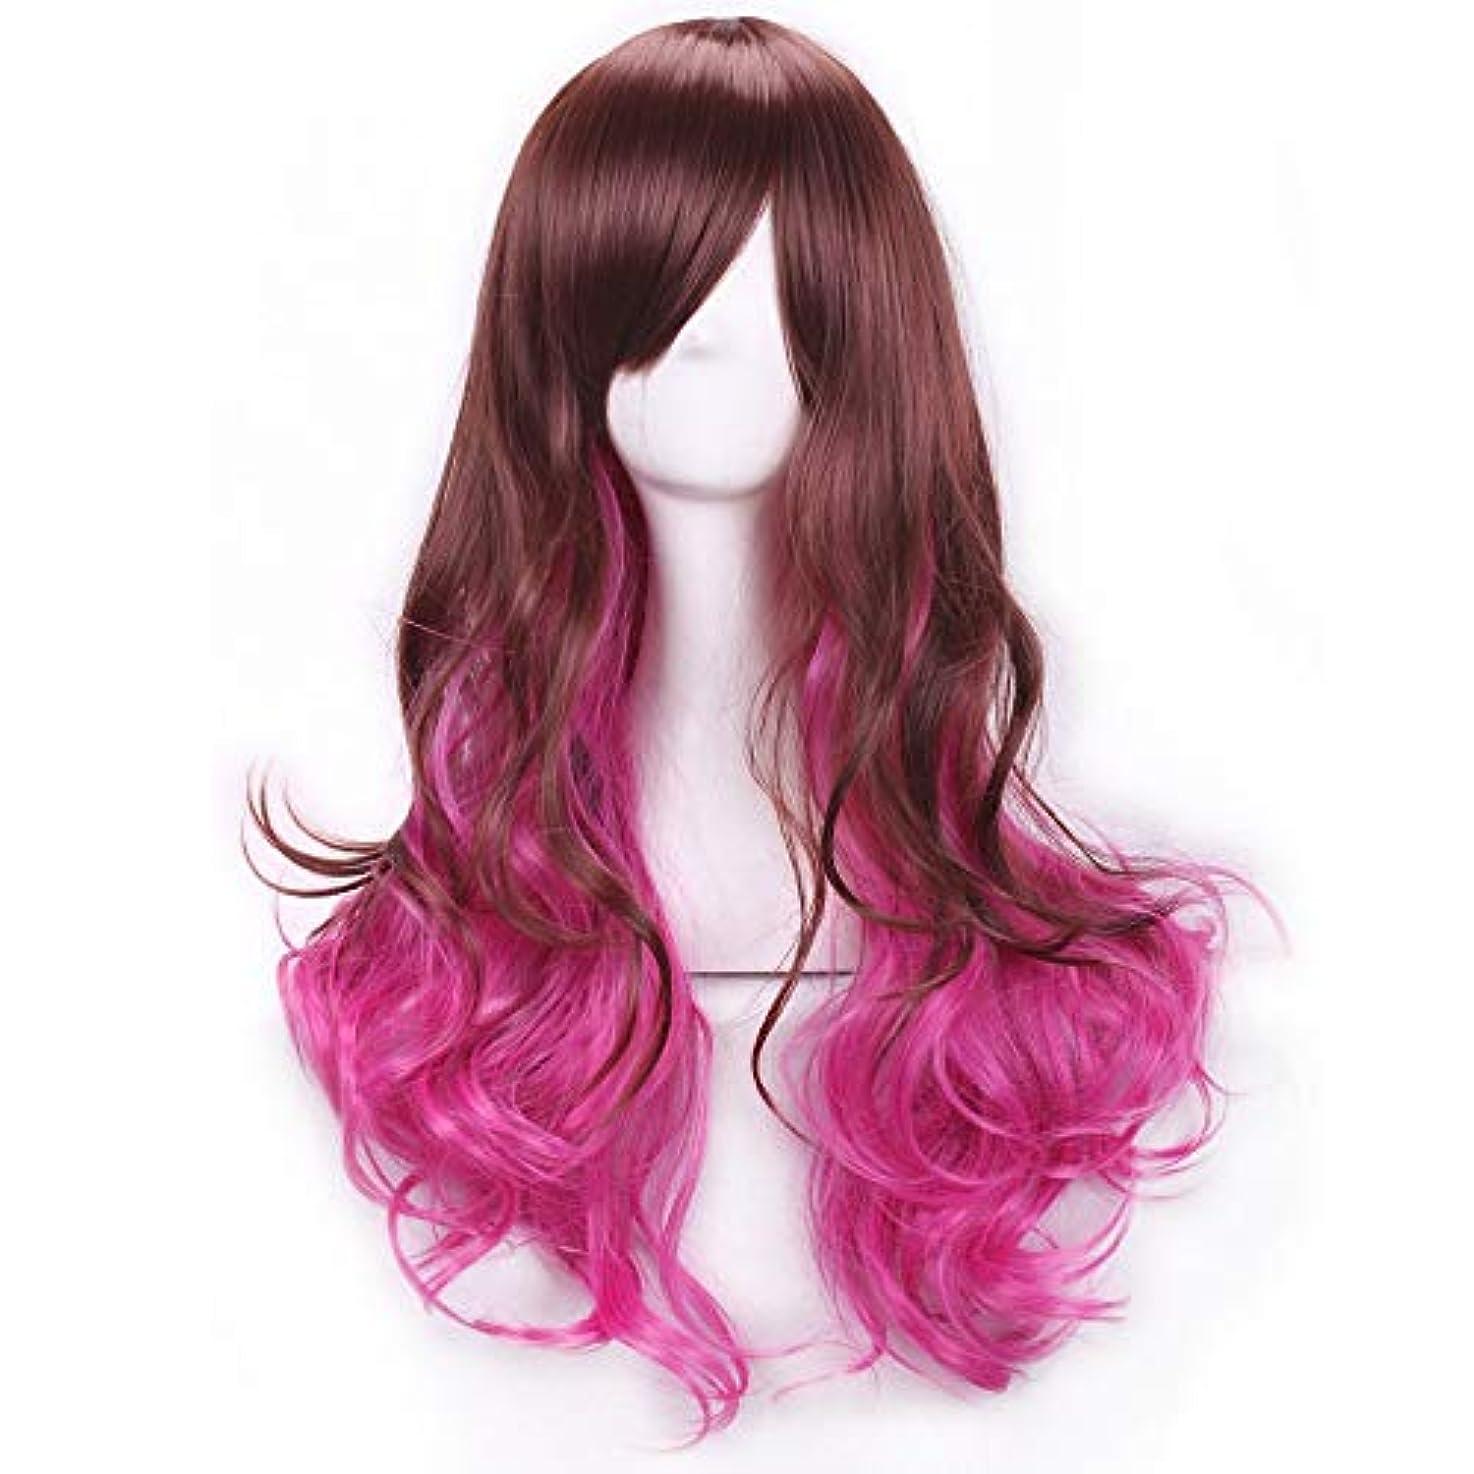 キャンディーメジャー効果かつらキャップでかつらファンシードレスカールかつら女性用高品質合成毛髪コスプレ高密度かつら女性&女の子用ブラウン、ピンク、パープル (Color : ピンク)